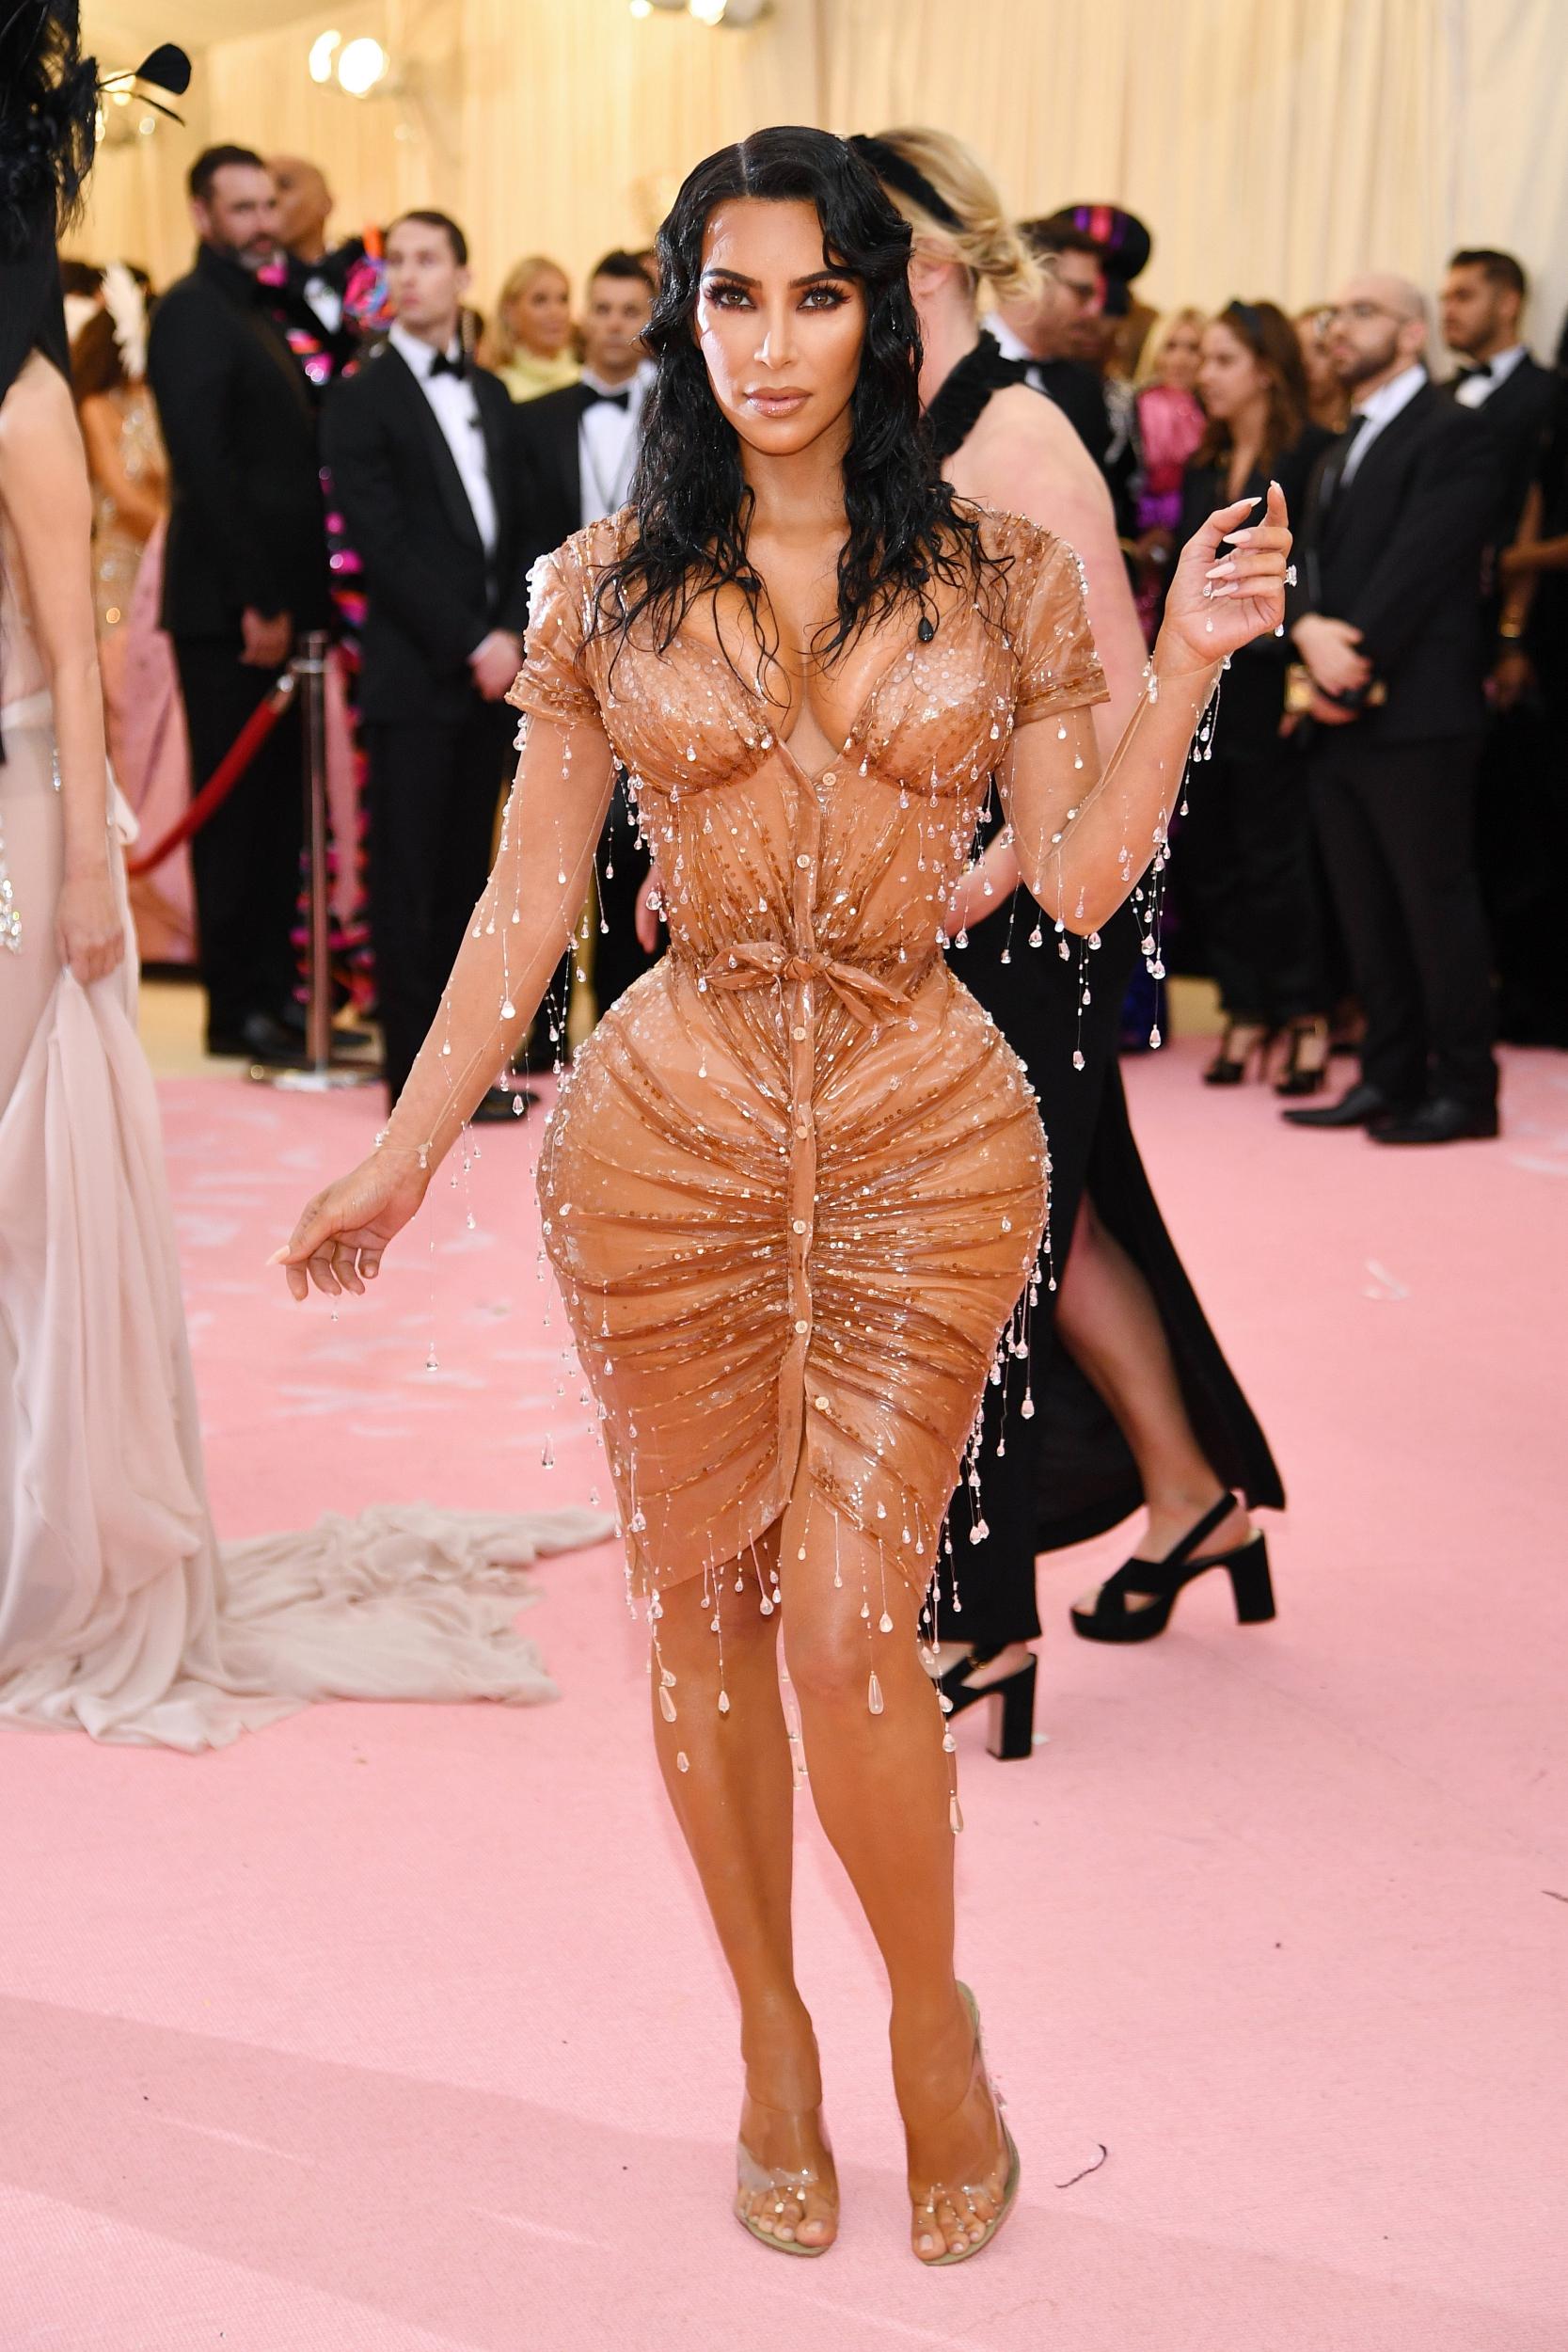 Kim Kardashian West Thierry Mugler tervező ruhájában, az elsőben, amit 20 év kihagyás után tervezett - az igazi wet look!